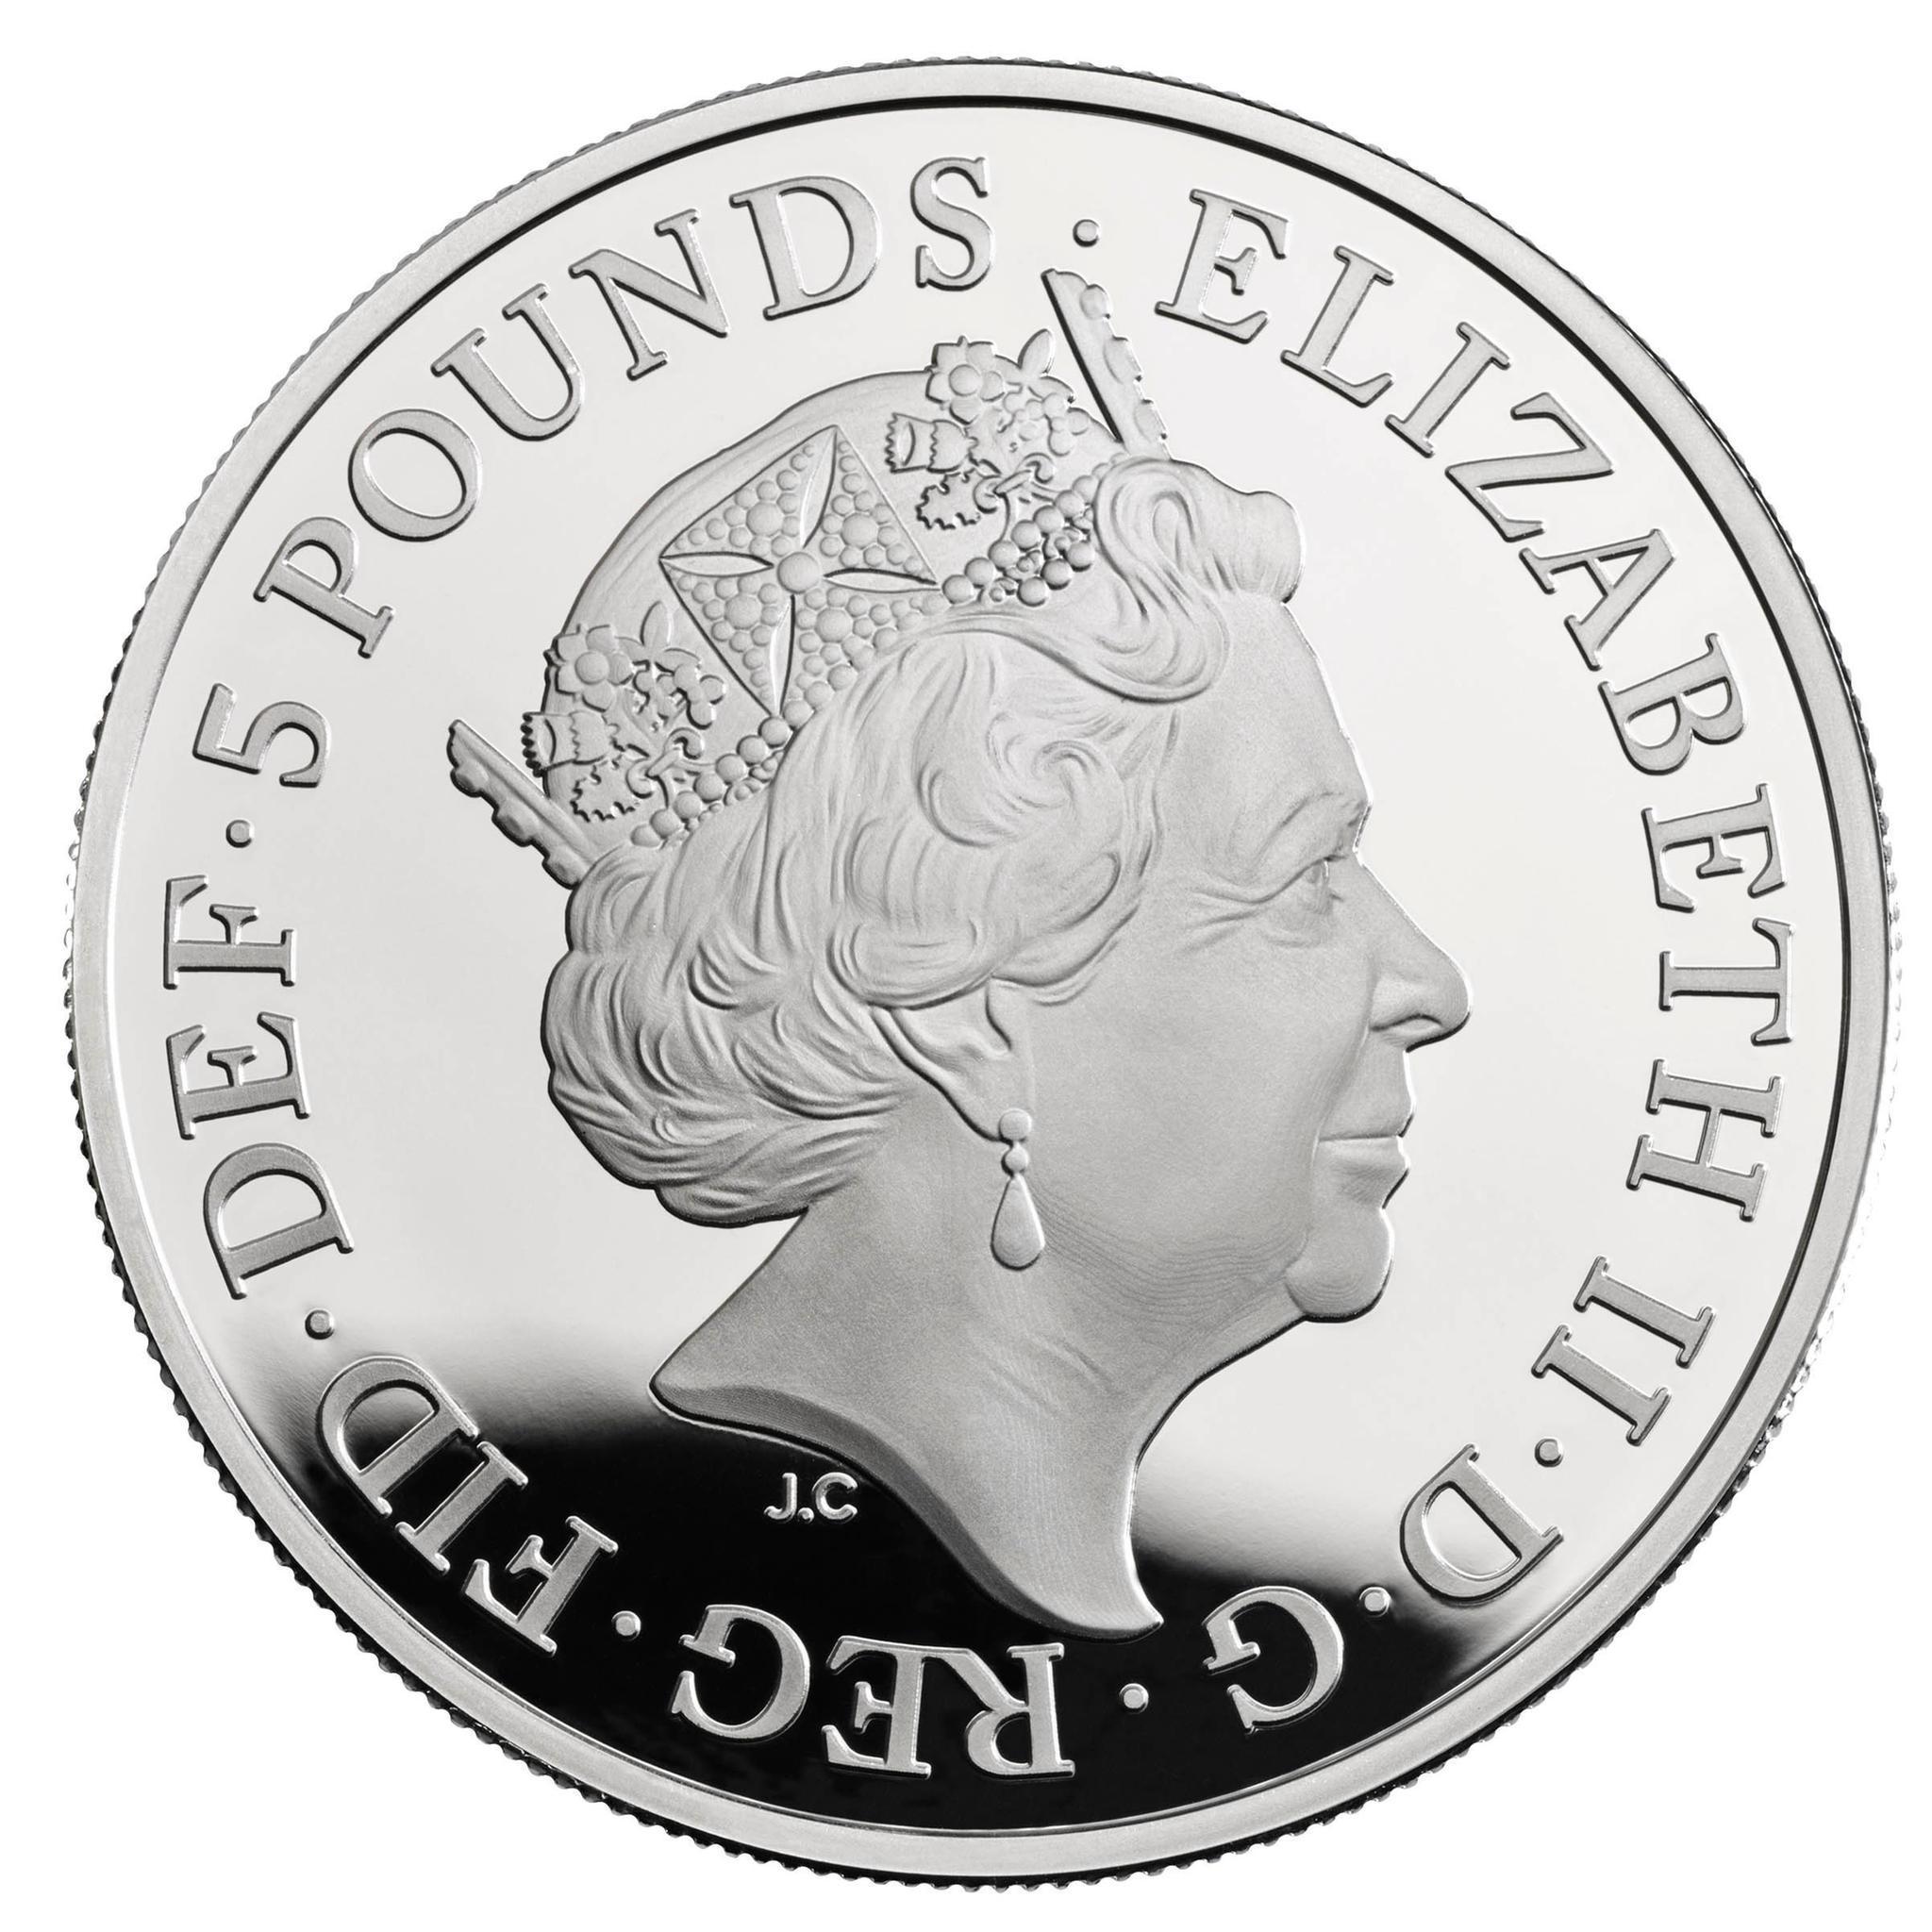 Erstes Geburtstagsgeschenk für Prinz George